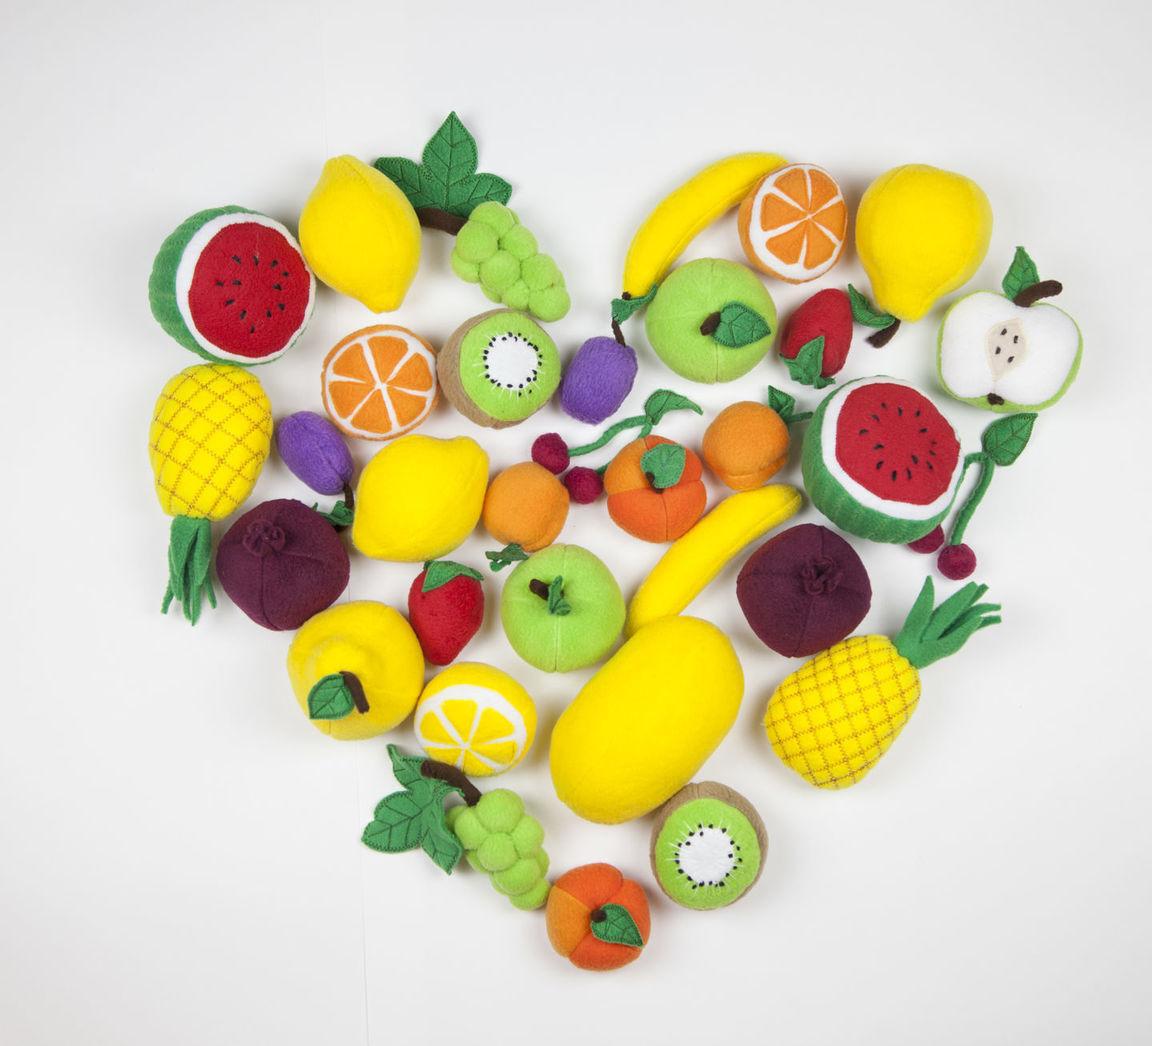 такая фрукты и овощи из фетра картинки лобода любительница пляжного